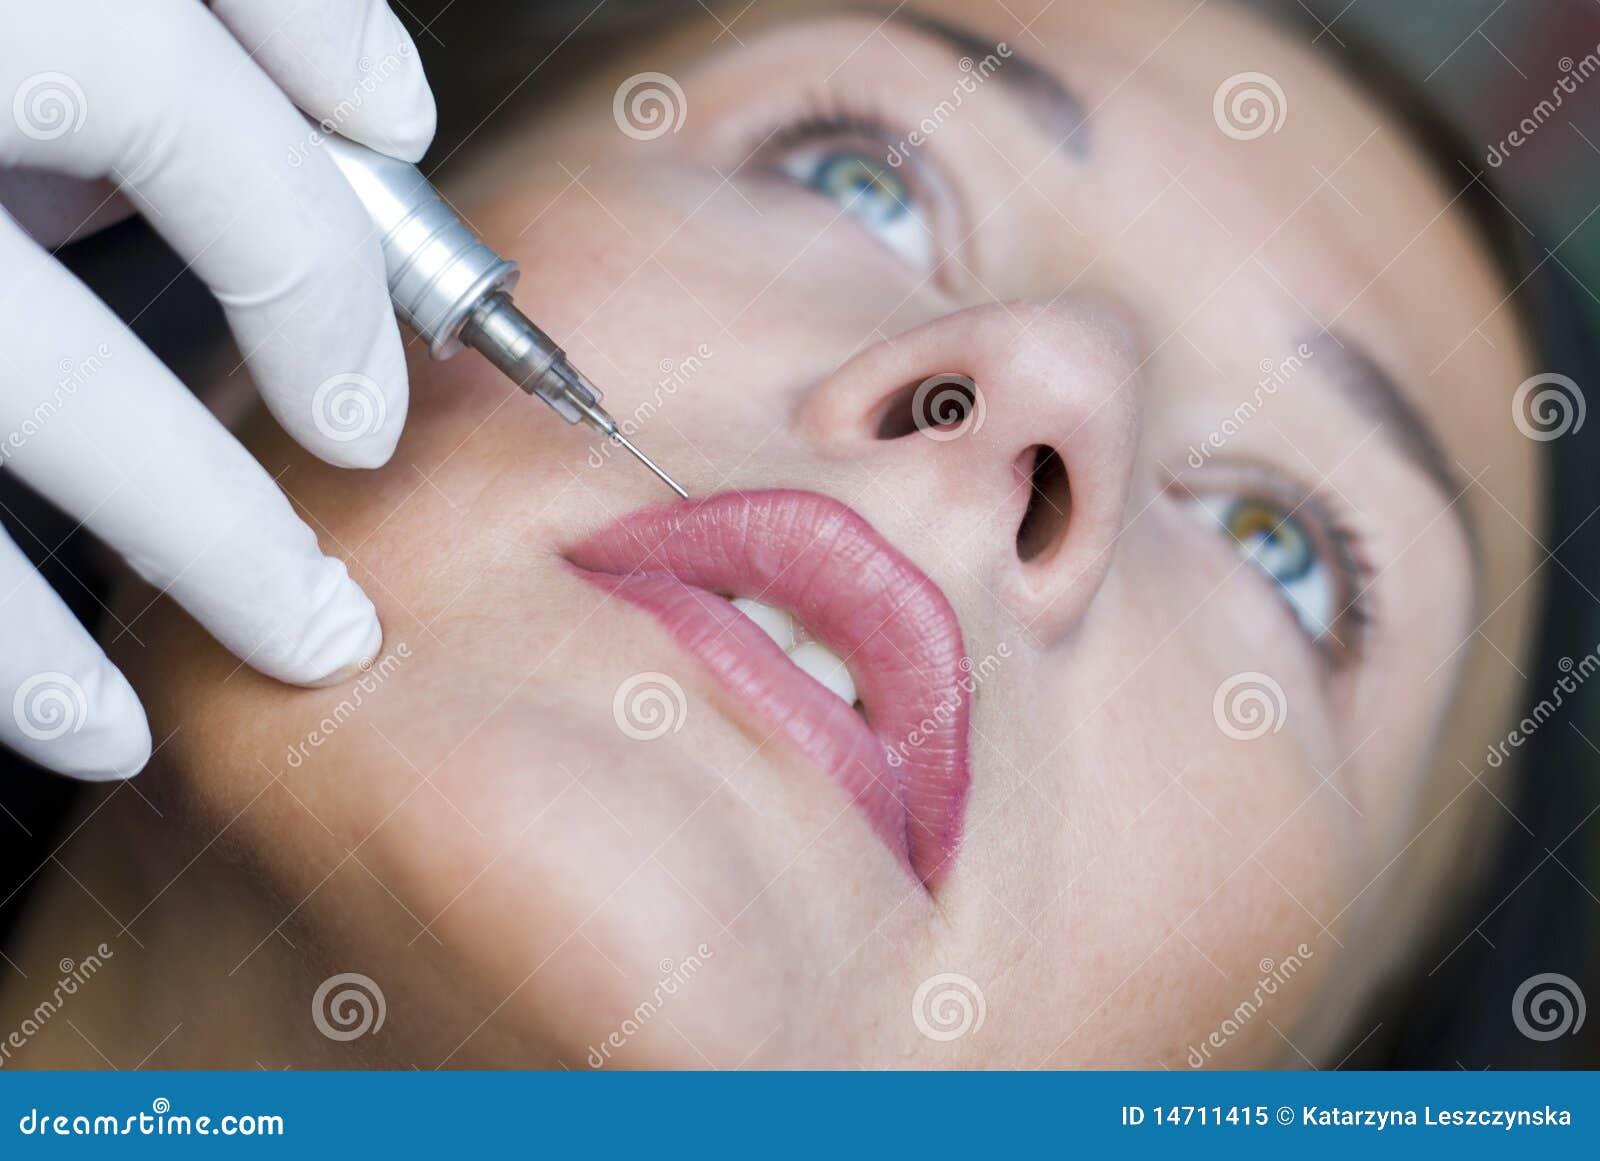 Вред от перманентного макияжа